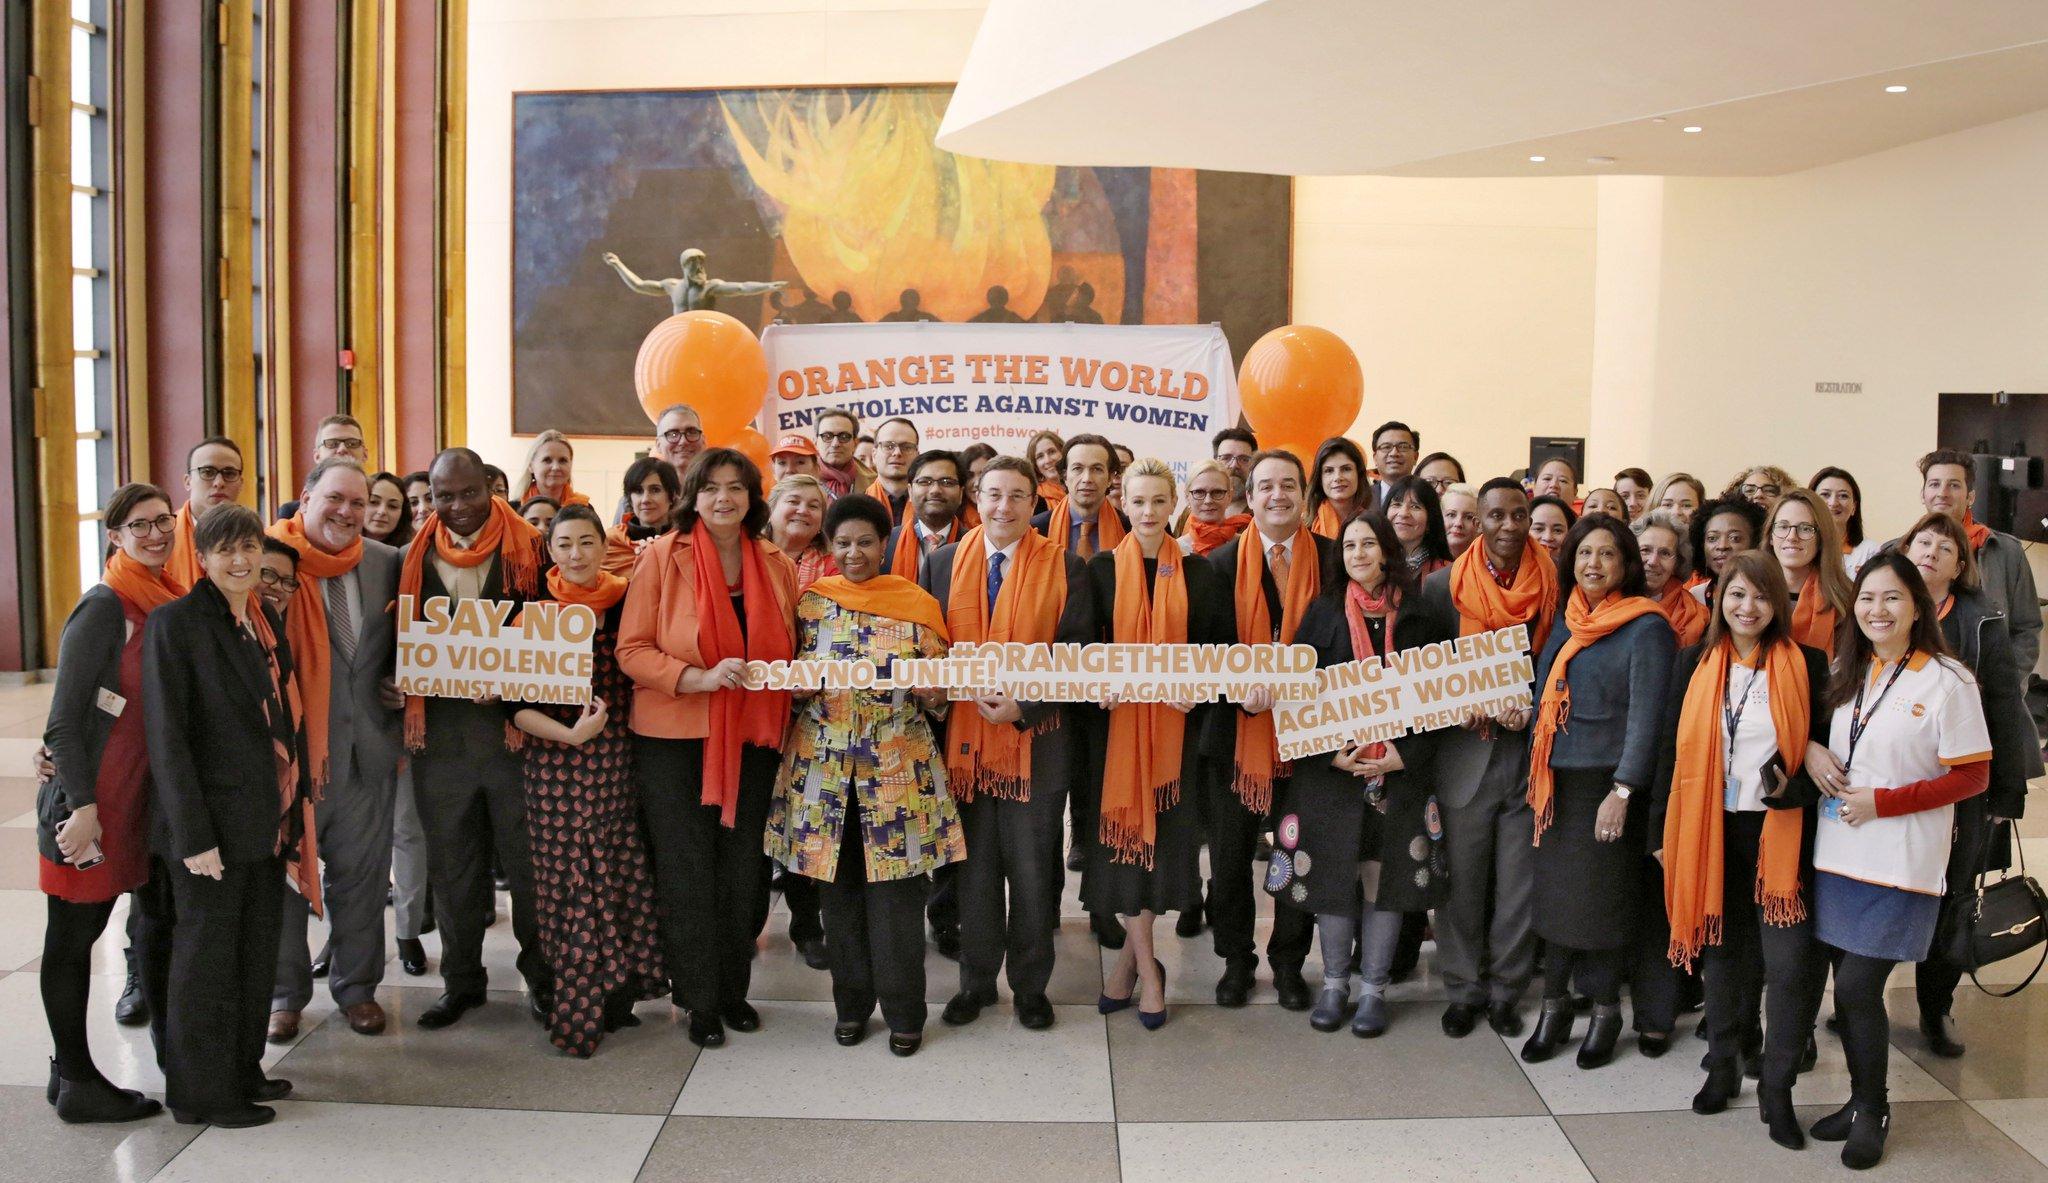 orange the world un women.jpg